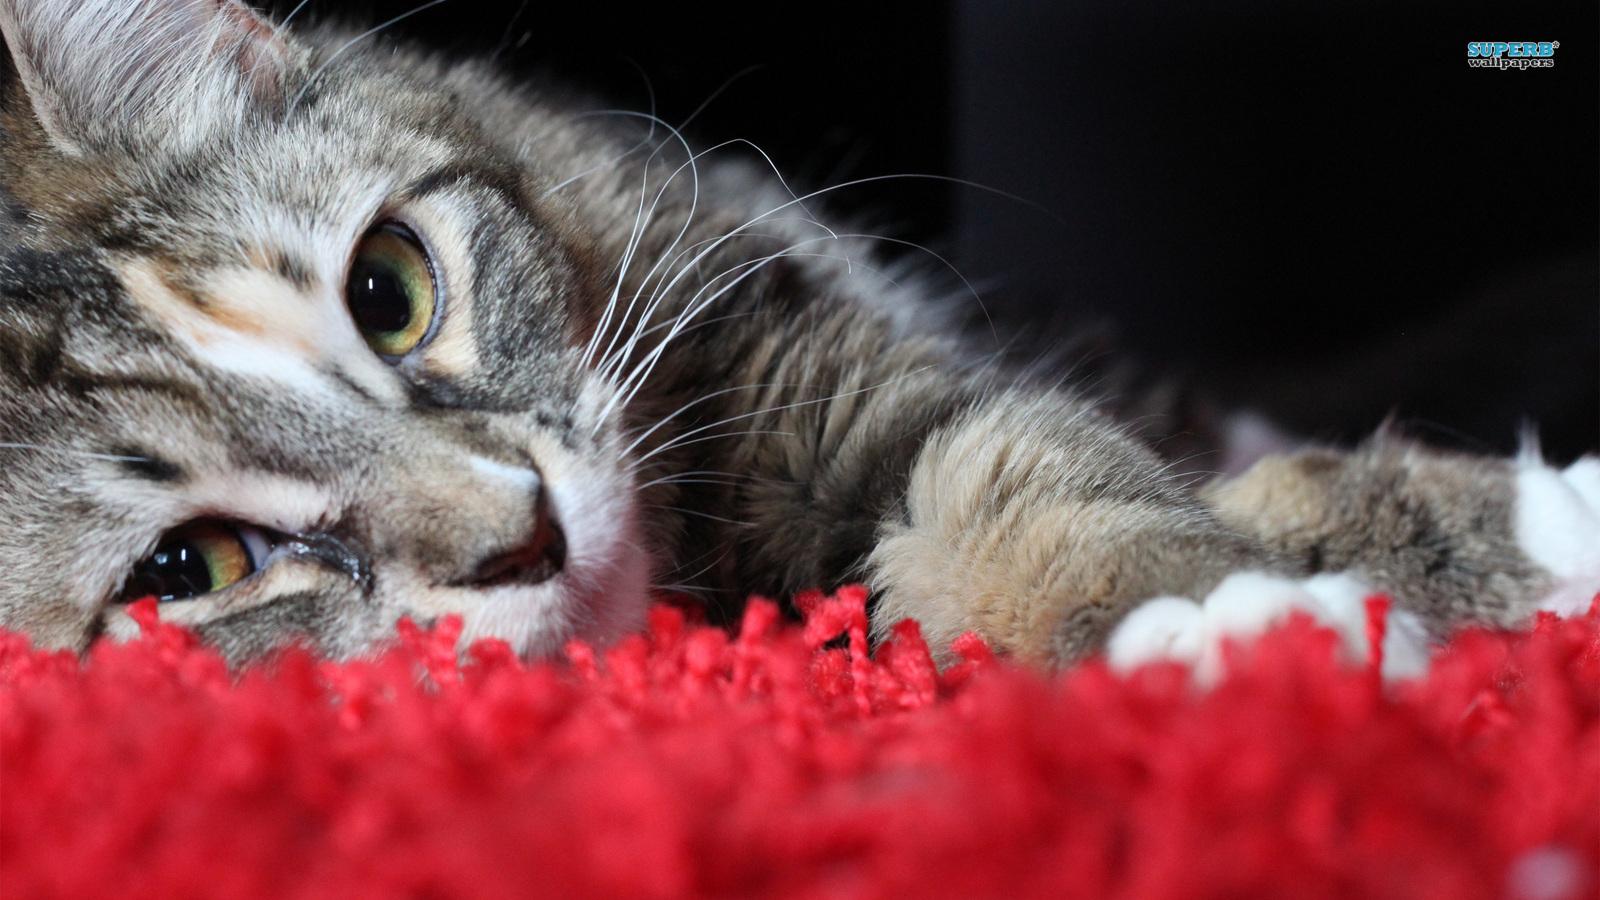 壁纸 动物 狗 狗狗 猫 猫咪 小猫 桌面 1600_900